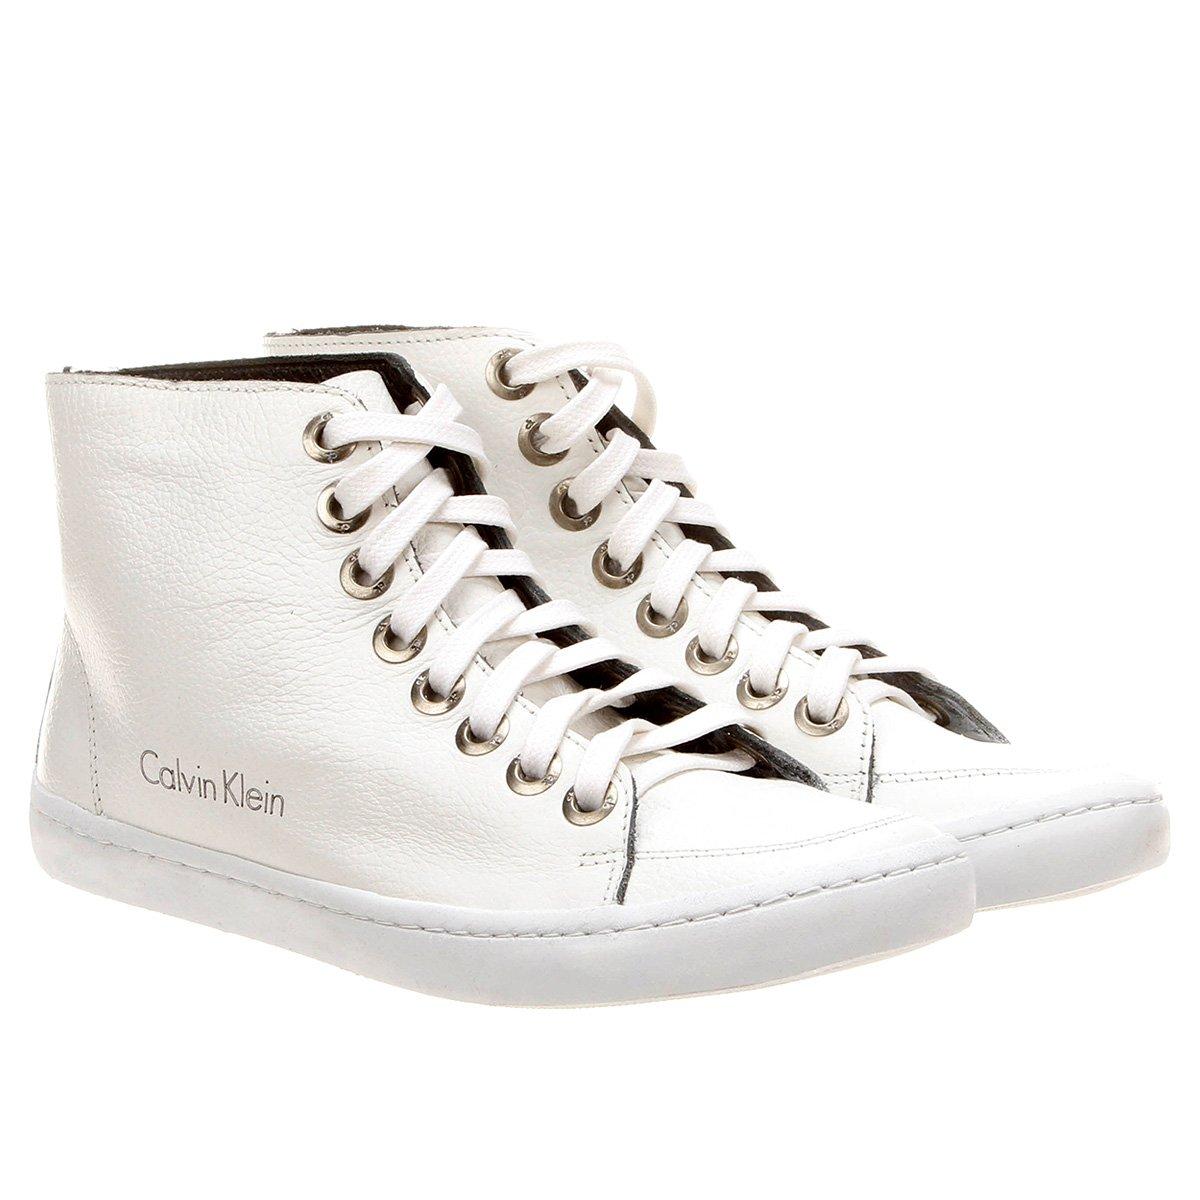 Tênis Calvin Klein Cano Alto - Compre Agora   Netshoes 0d54b1f48c